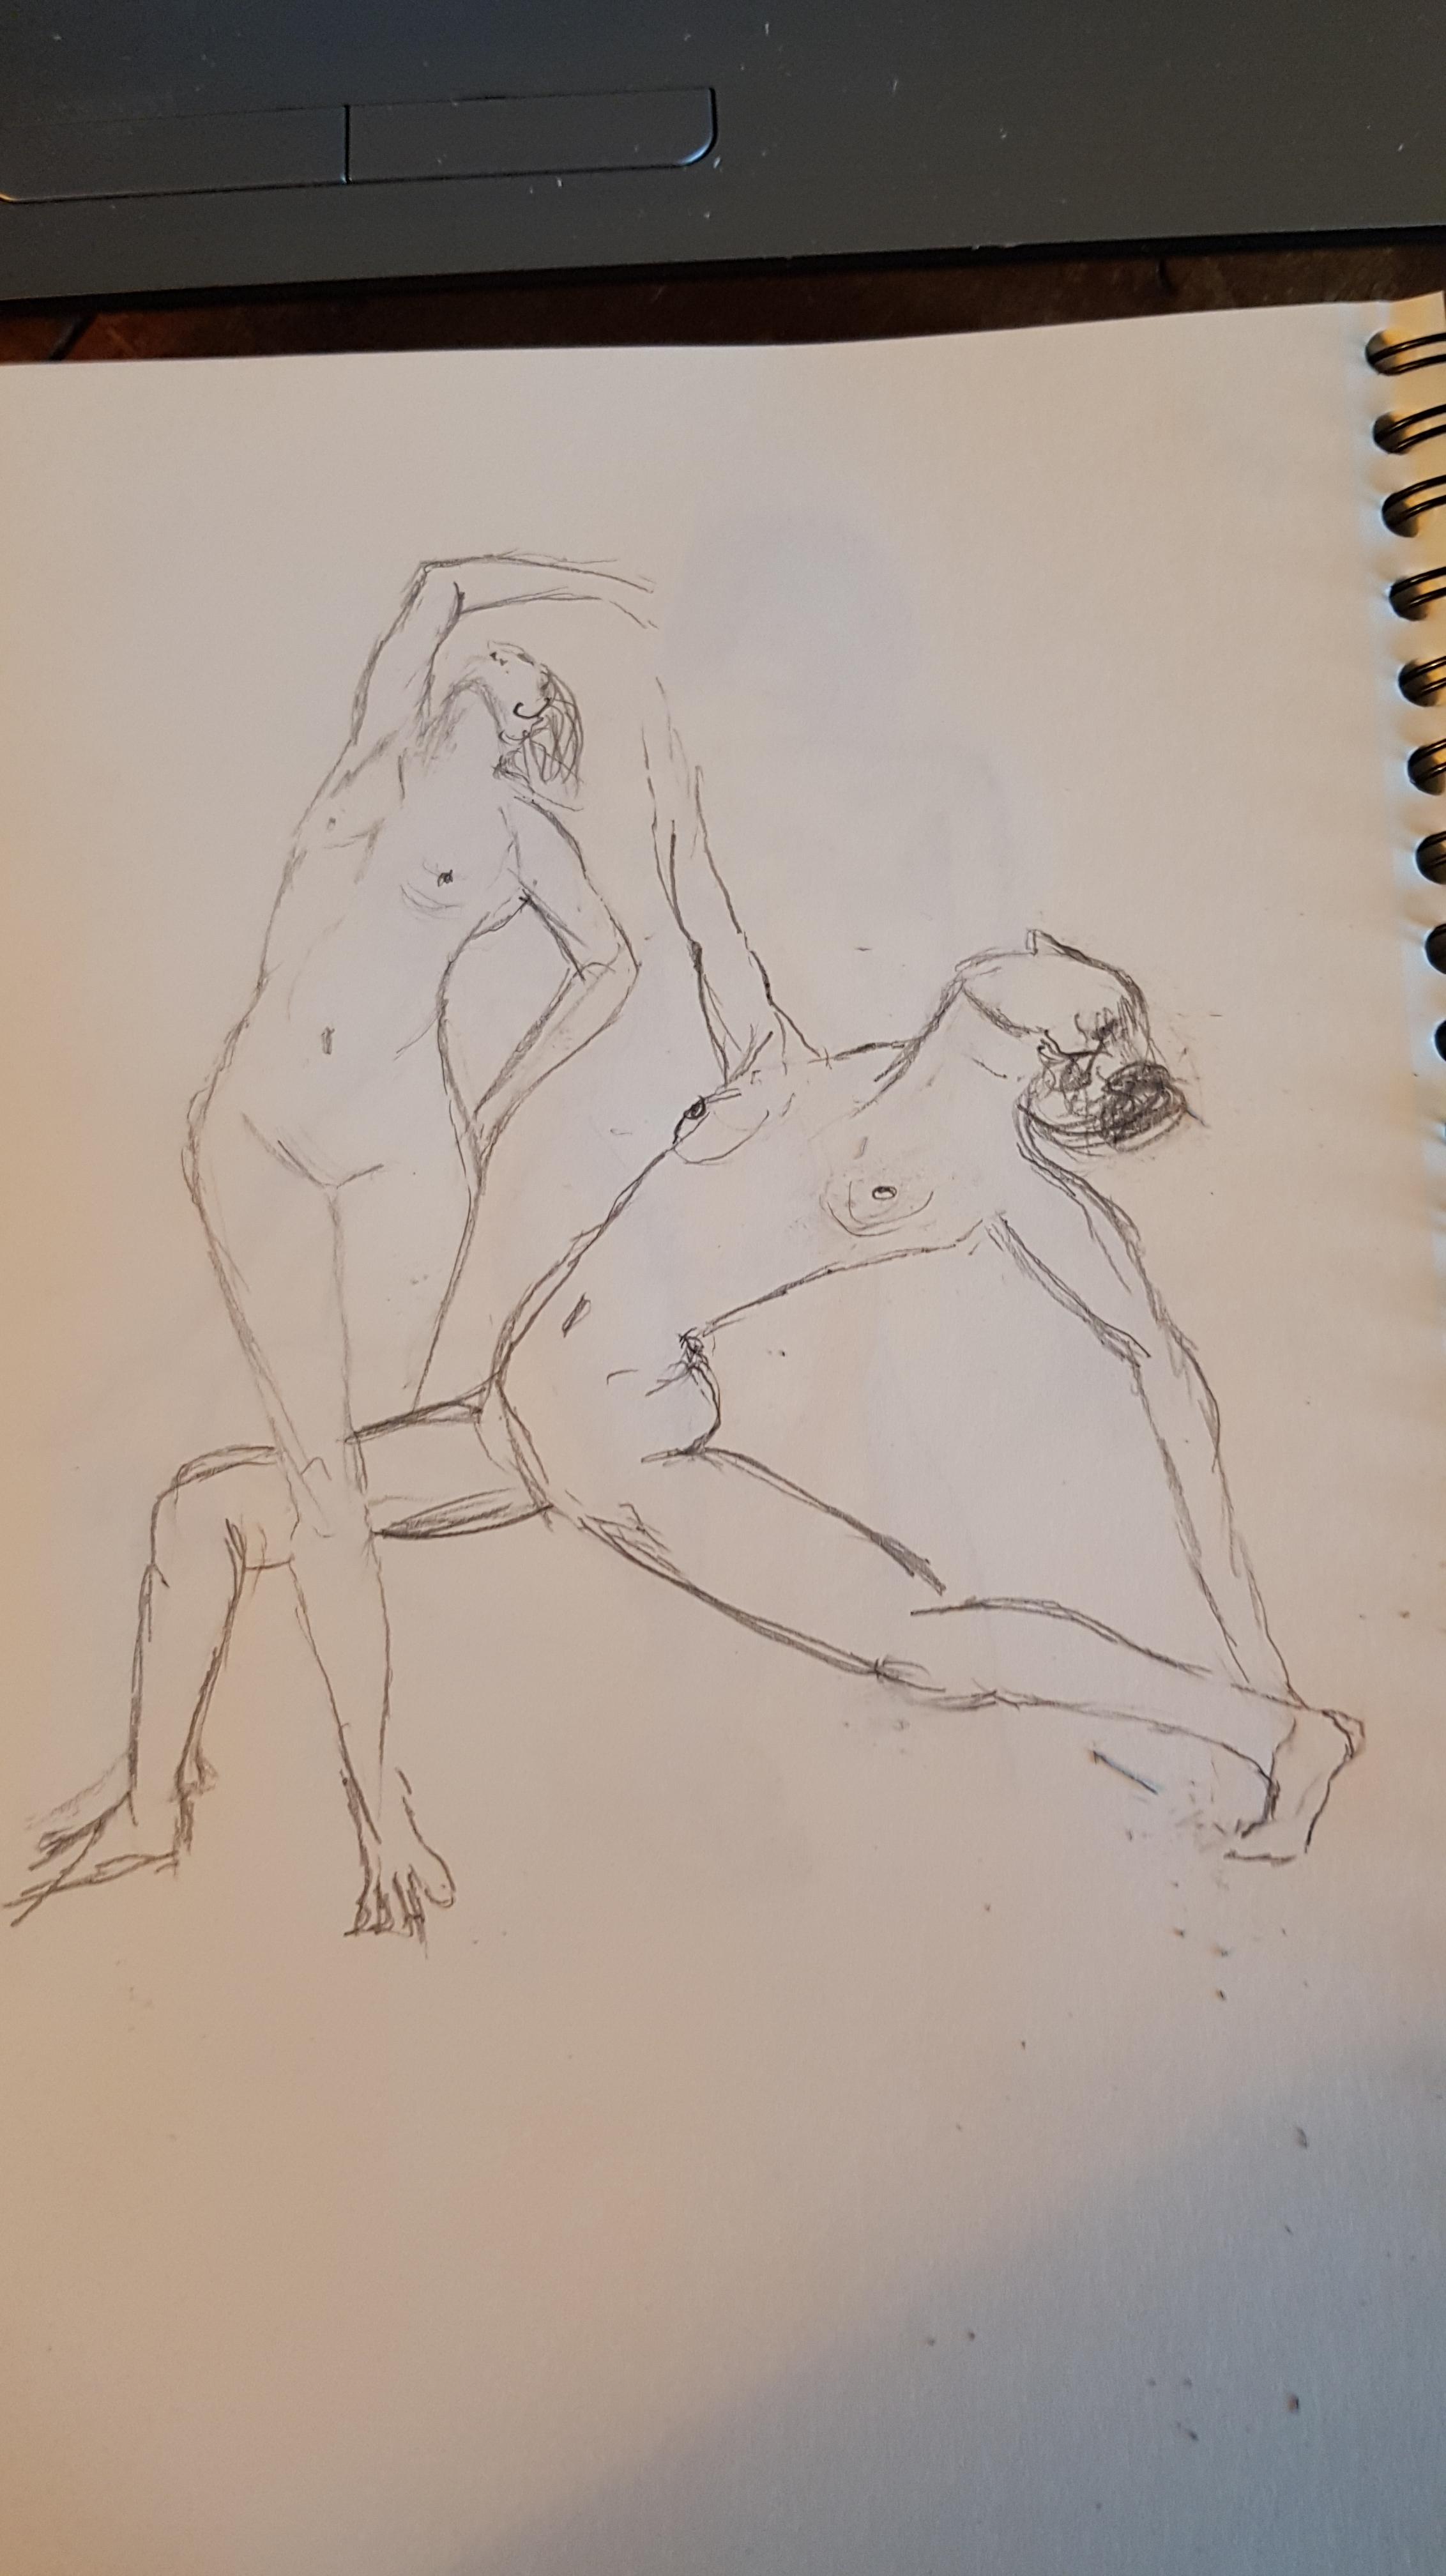 Esquisse rapide graphite couple de danseuses femmes  cours de dessin